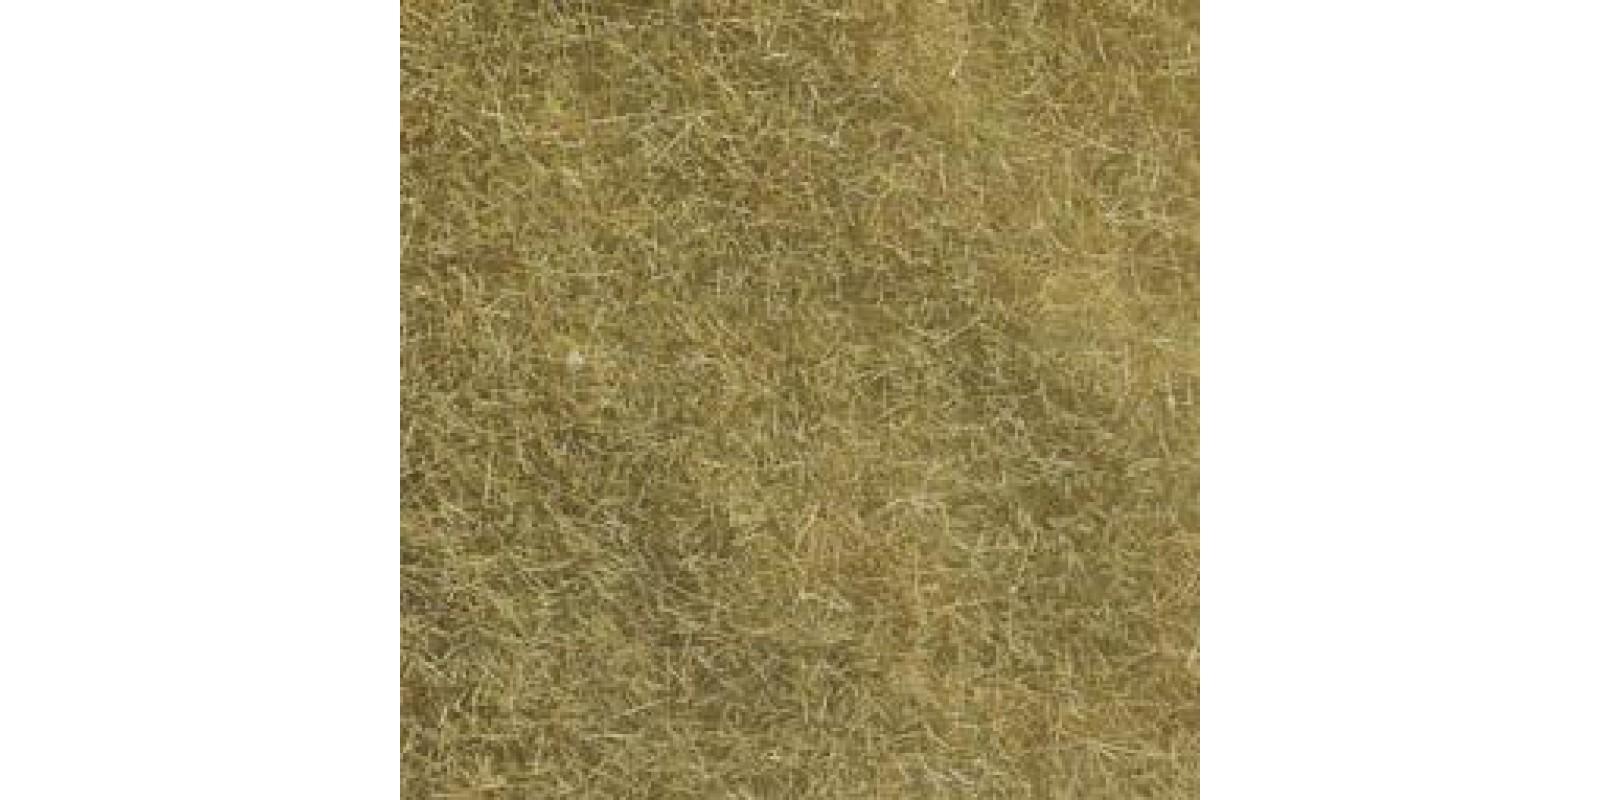 NO07101 Wild Grass beige, 50g